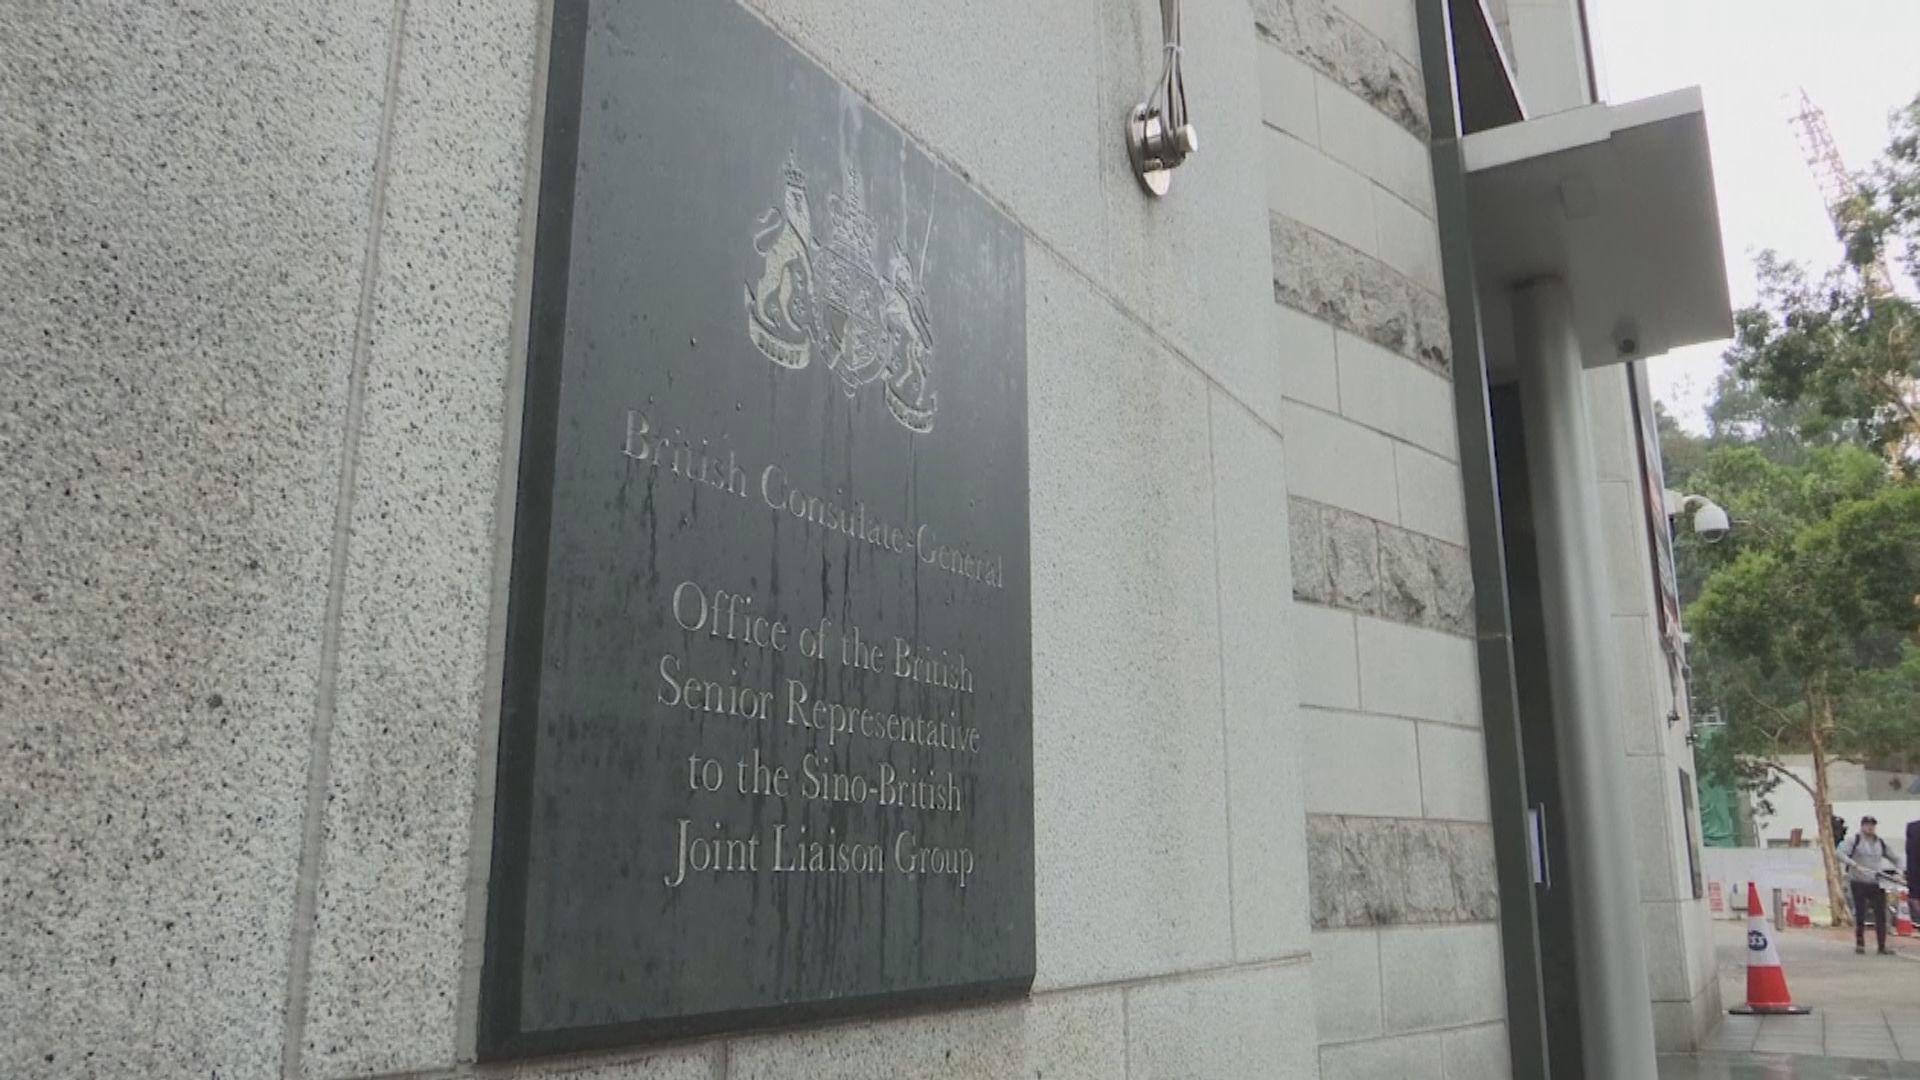 【佔中案】英國駐港總領事館對判刑高度關注